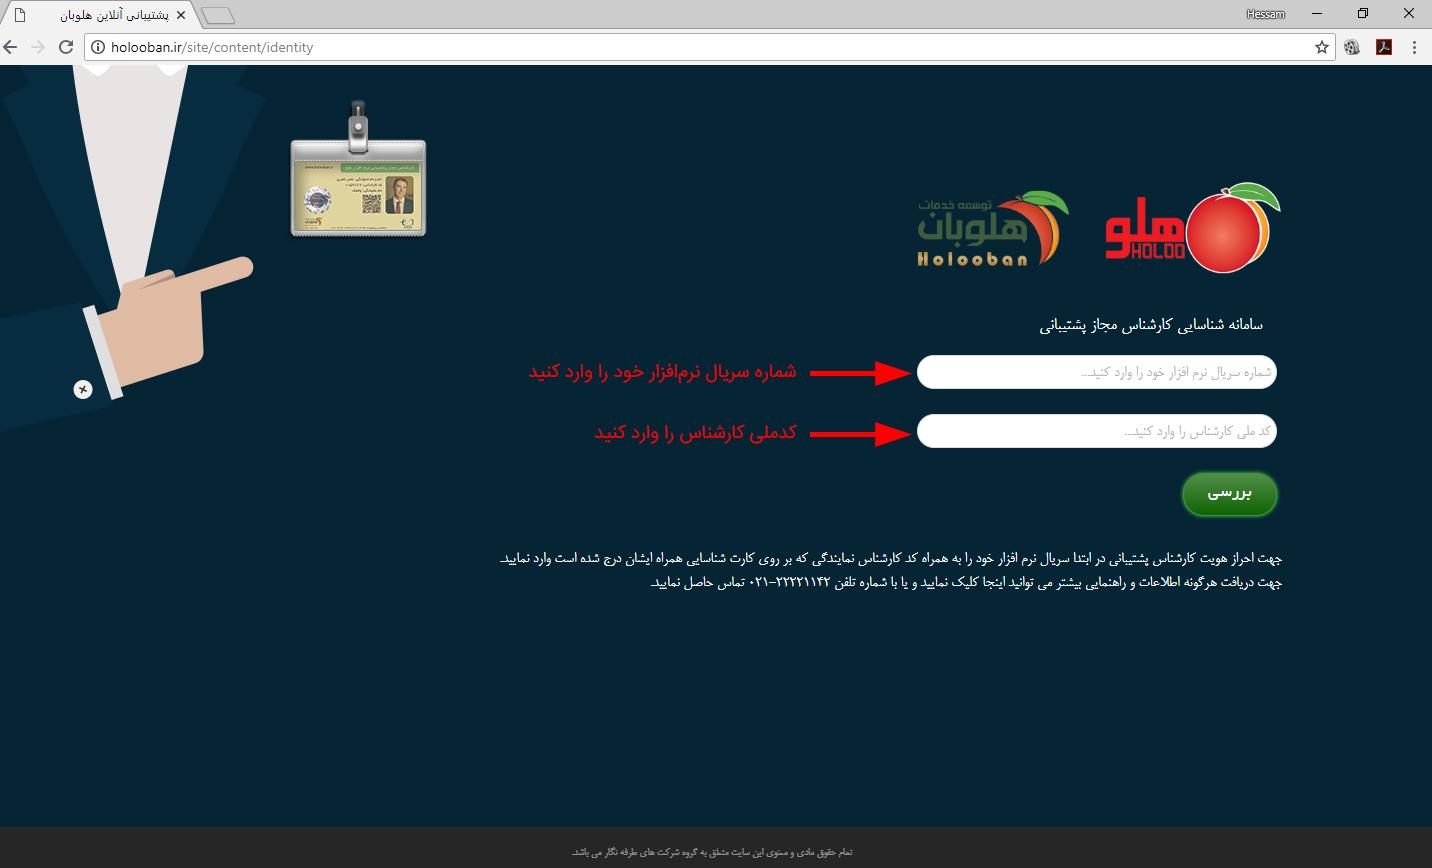 تضمین خدمات با کارت شناسایی کارشناس مجاز نرم افزار هلو